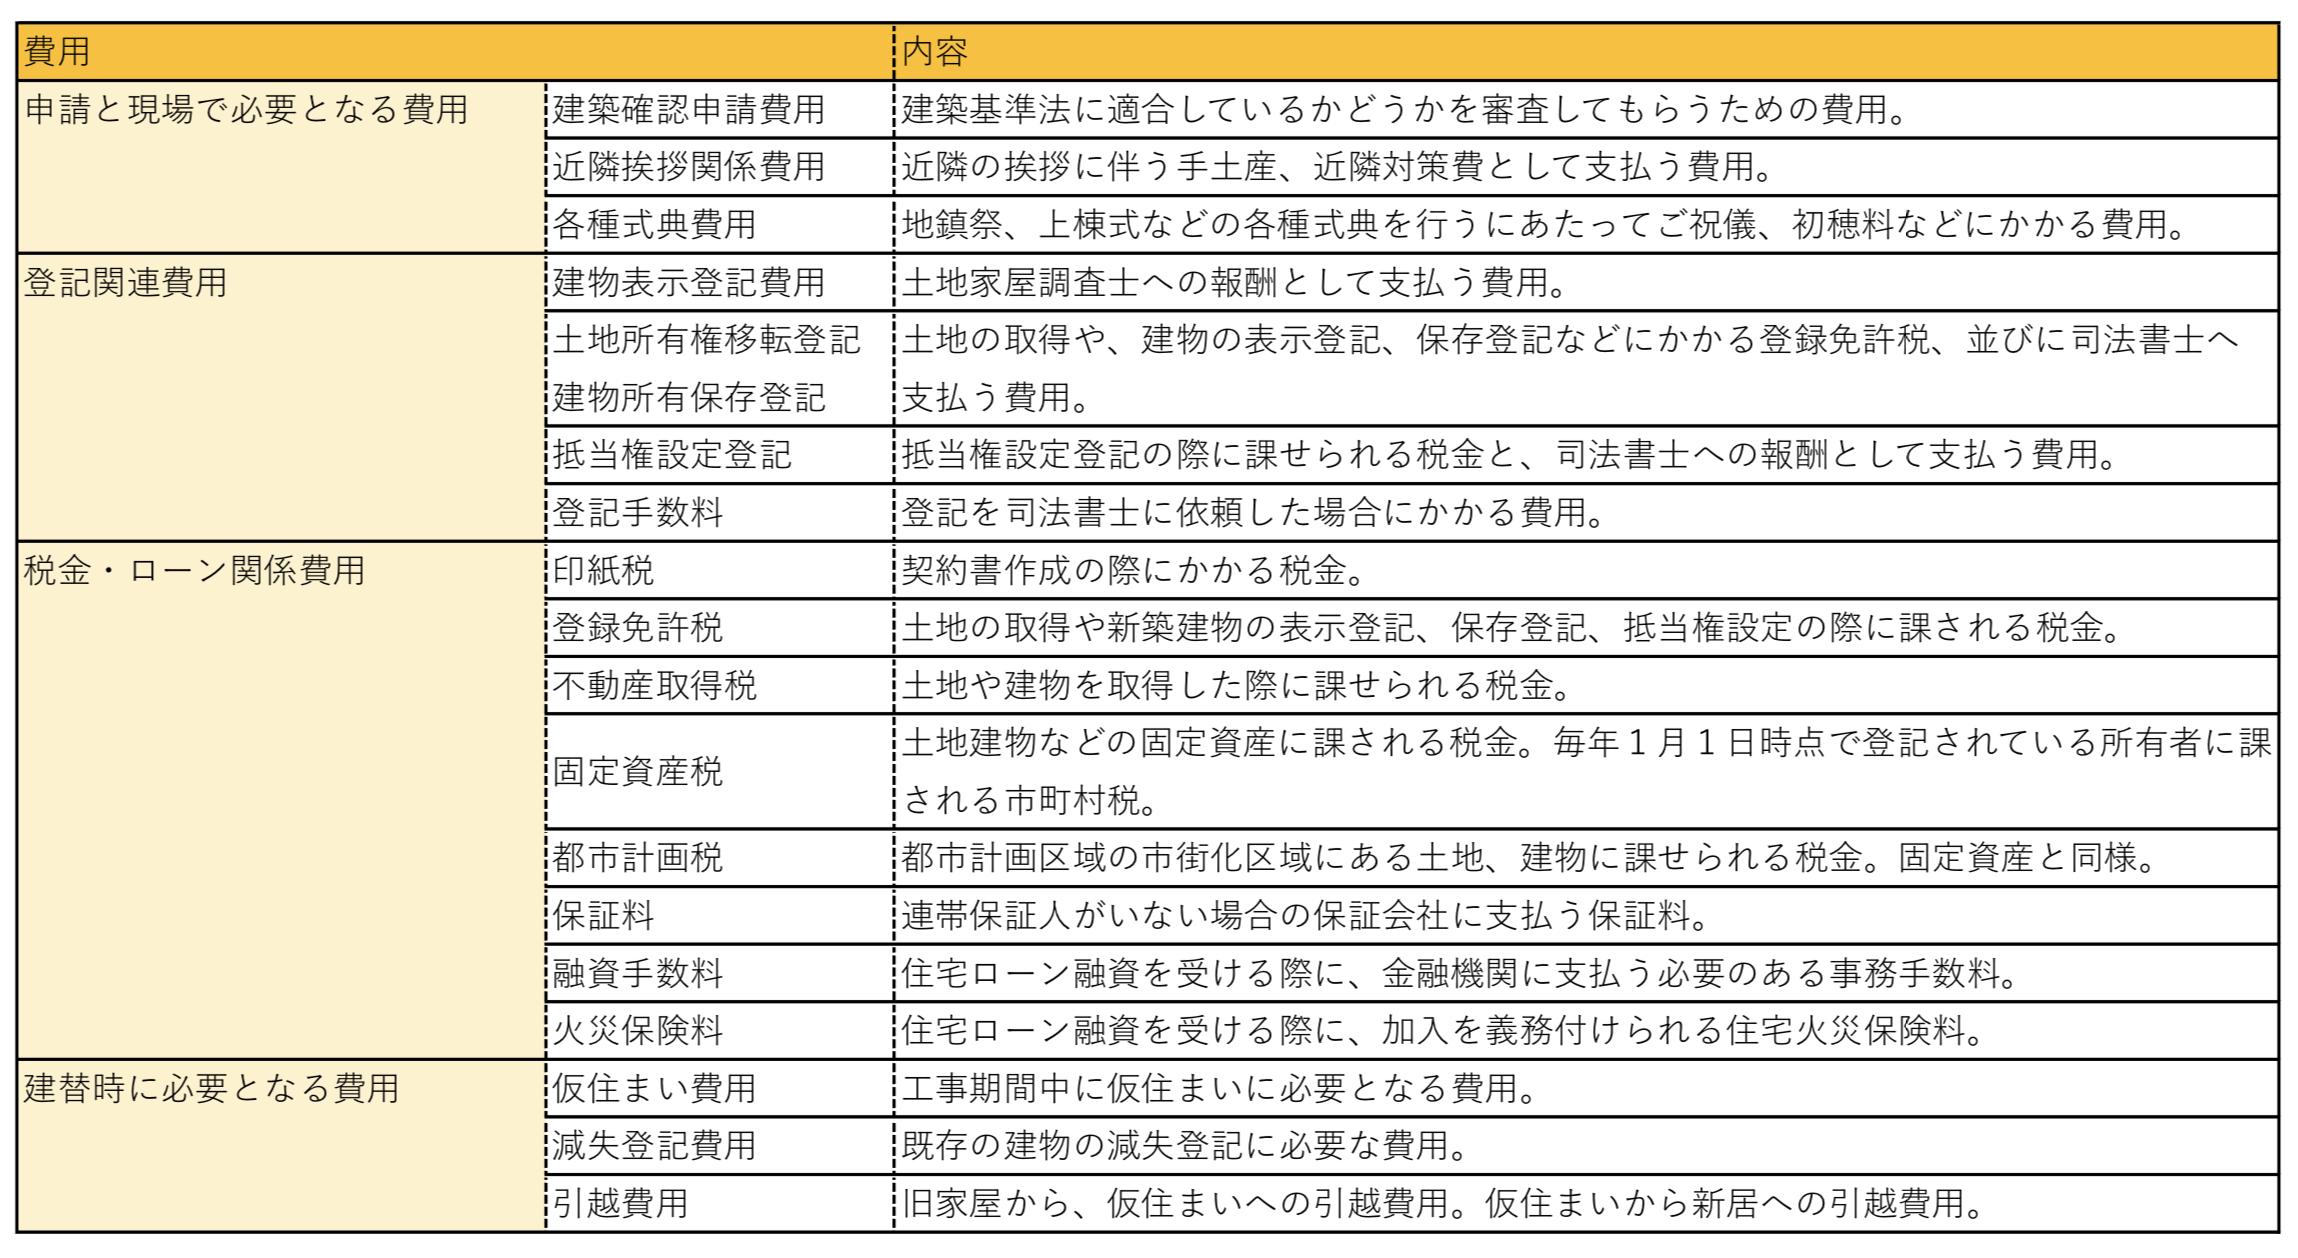 1:申請と現場で必要となる費用 2:登記関連費用 3:税金・ローン関係費用 4:建替時に必要となる費用